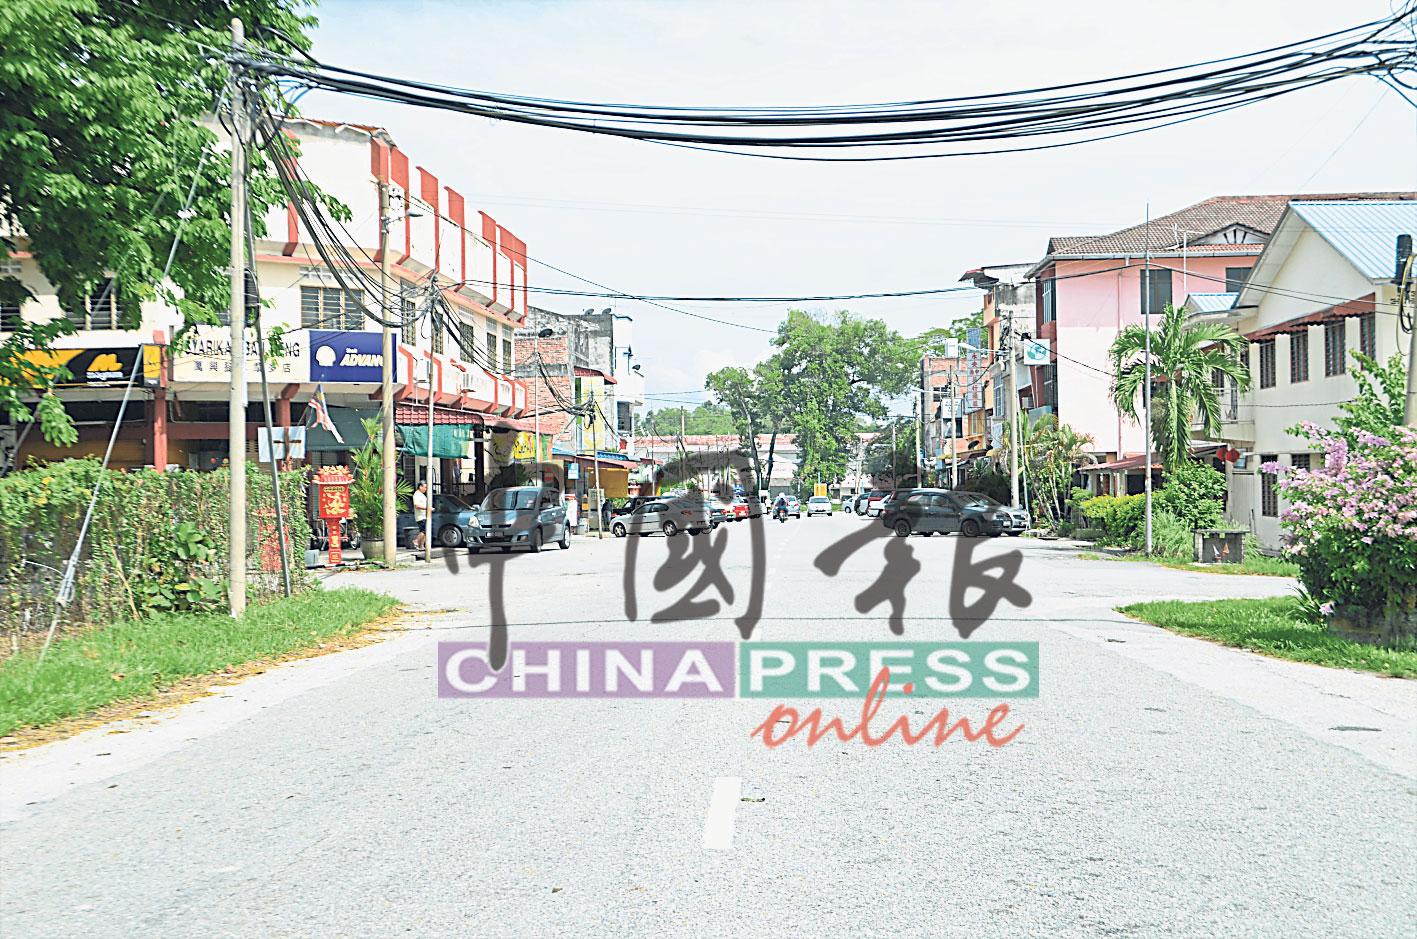 村民们希望桂花村拥有本身的牌楼,方便外人辨认。